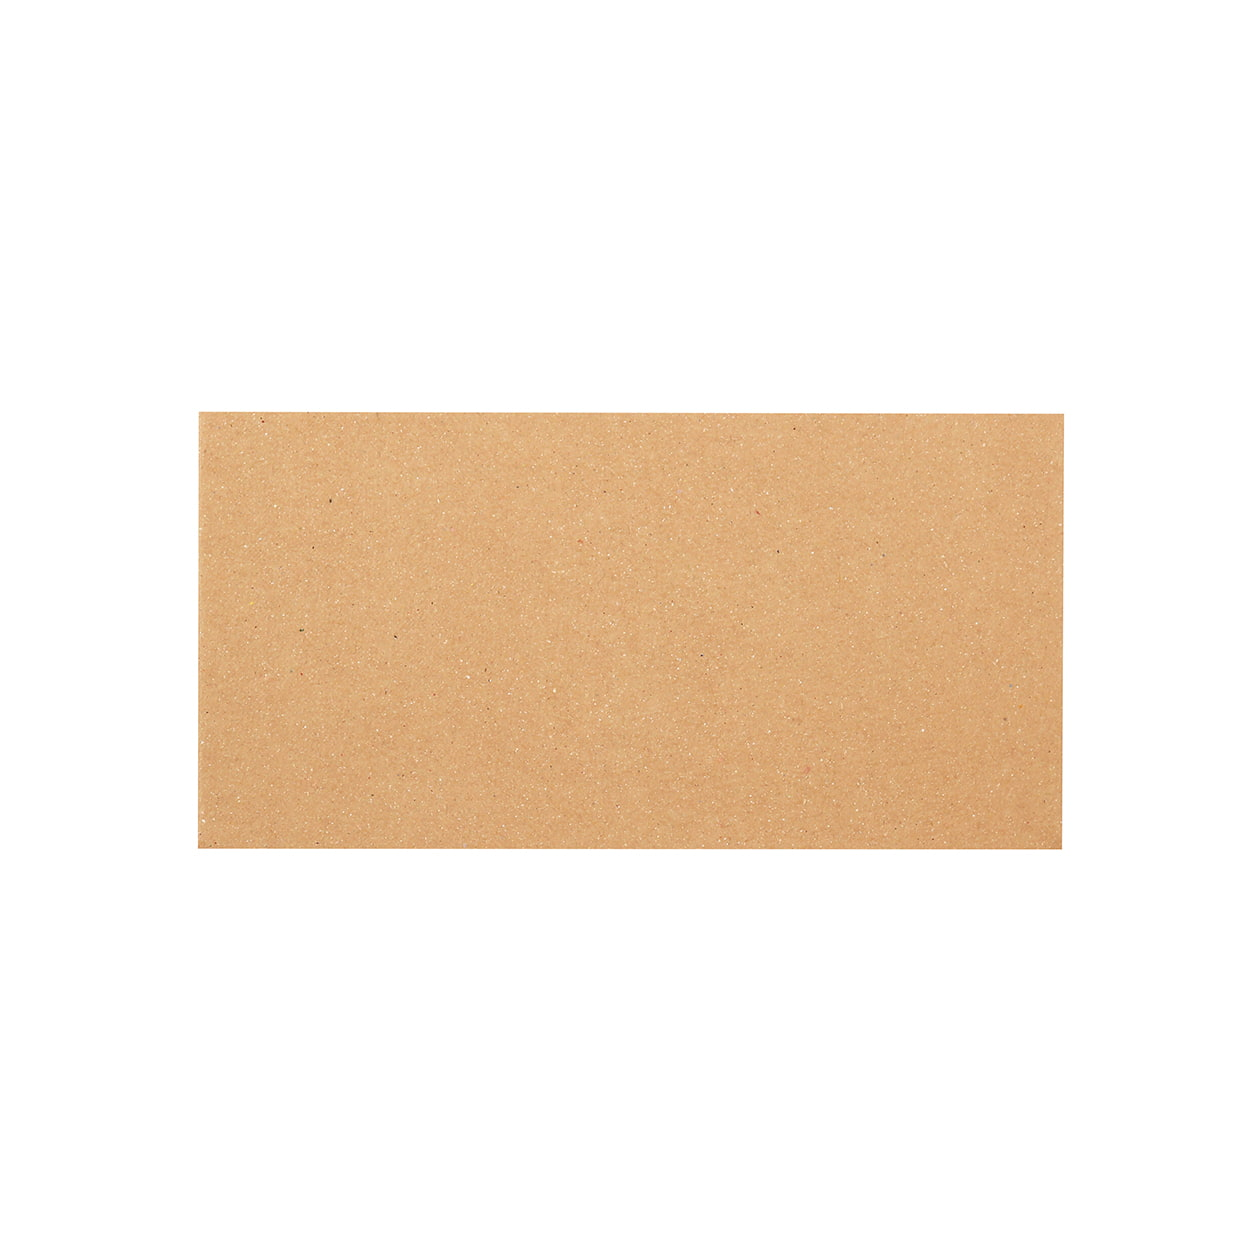 サンプル パッケージ 00081